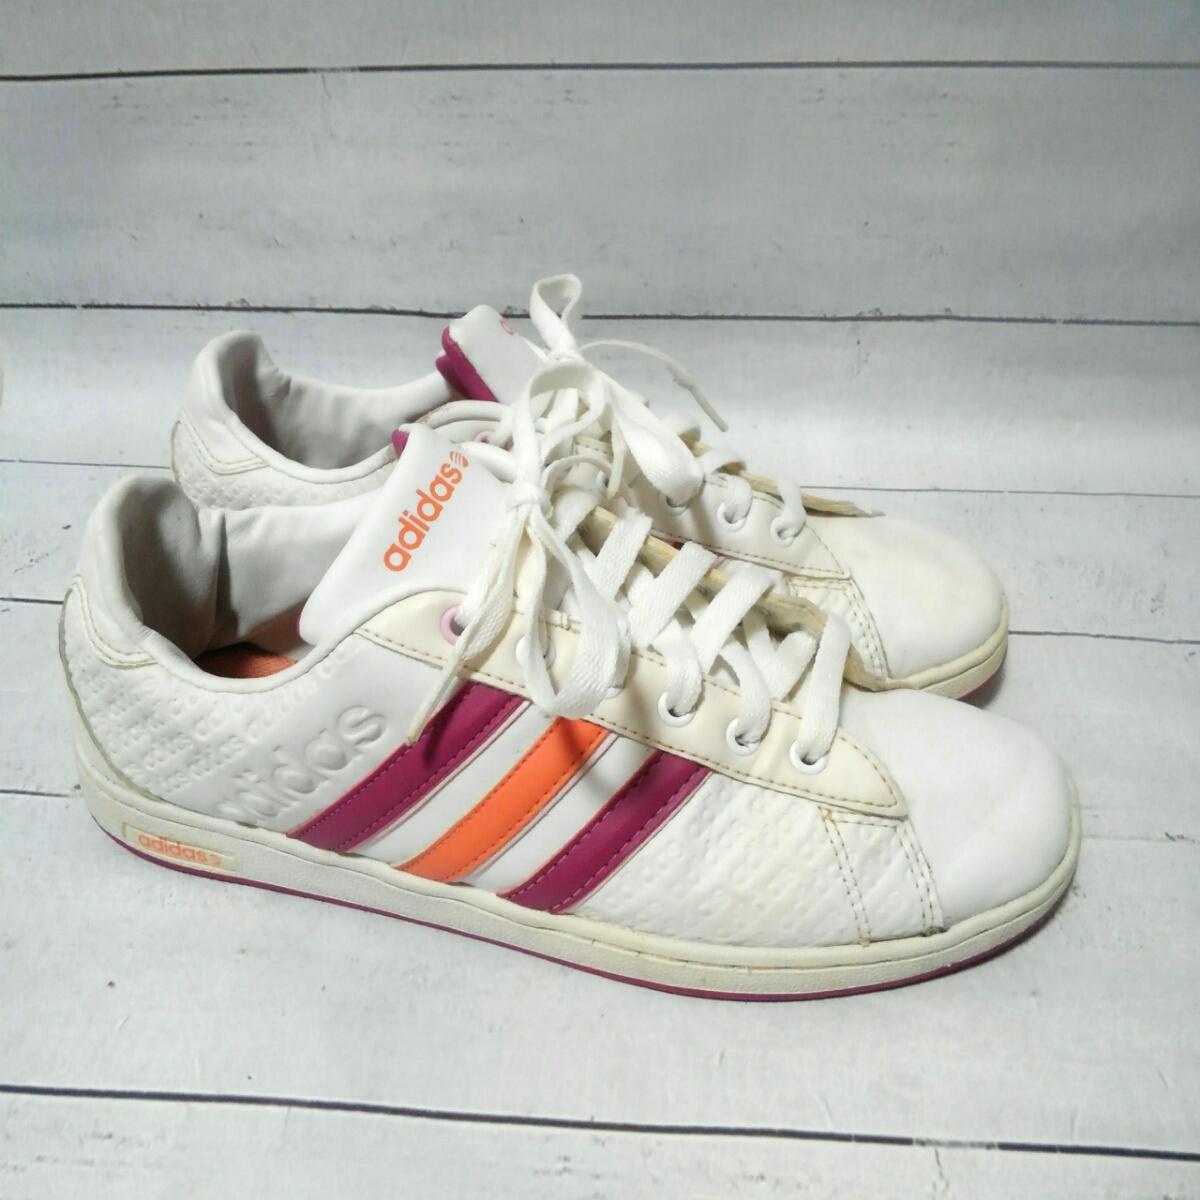 tienda de descuento materiales superiores el precio más baratas adidas vibetouch Adidas lady's sneakers shoes shoes 24.5cm shoes ...